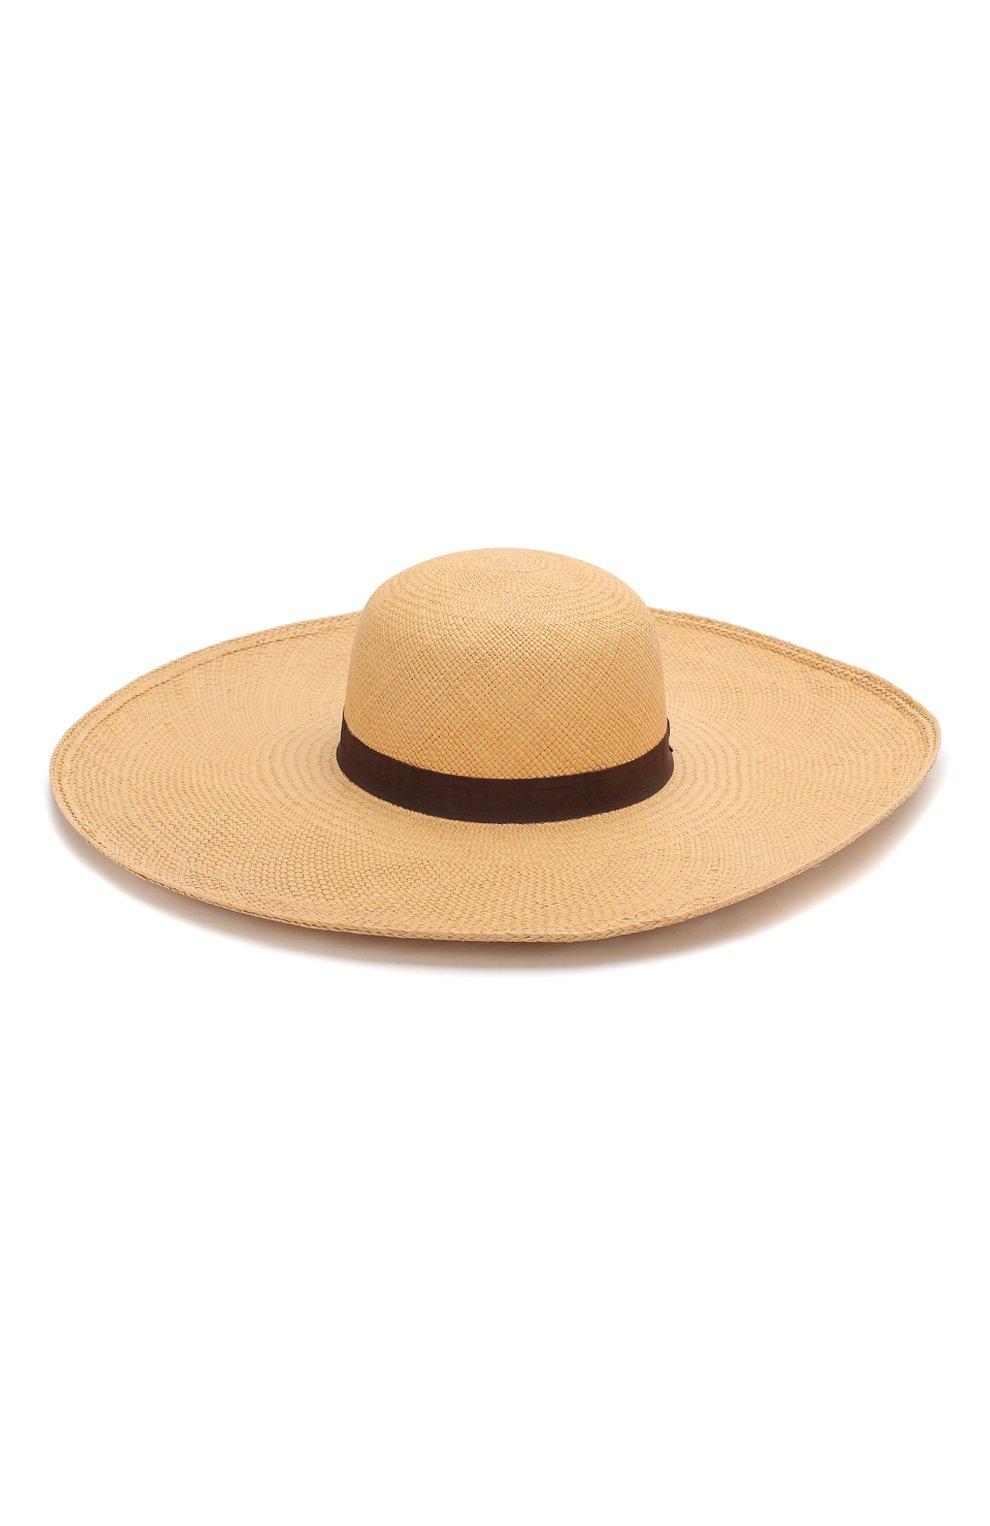 Женская шляпа anastasia CANOE светло-бежевого цвета, арт. 1964829   Фото 1